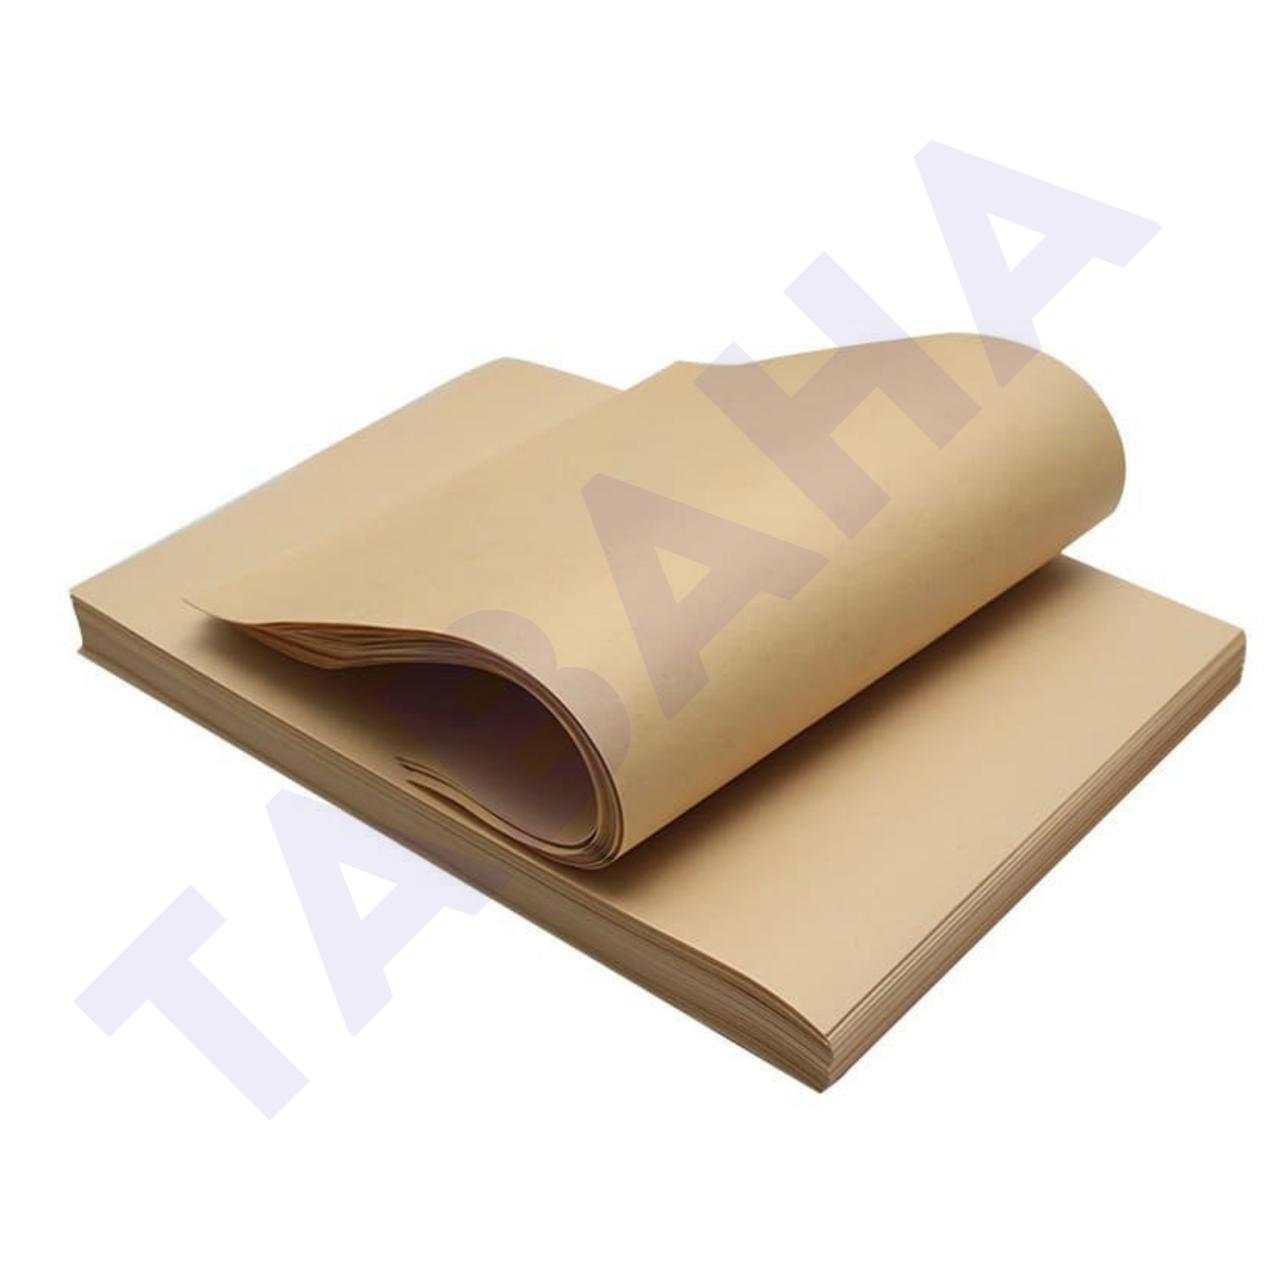 Крафт небеленый (коричневый) фабрика ИЛИМ (100 гр.)